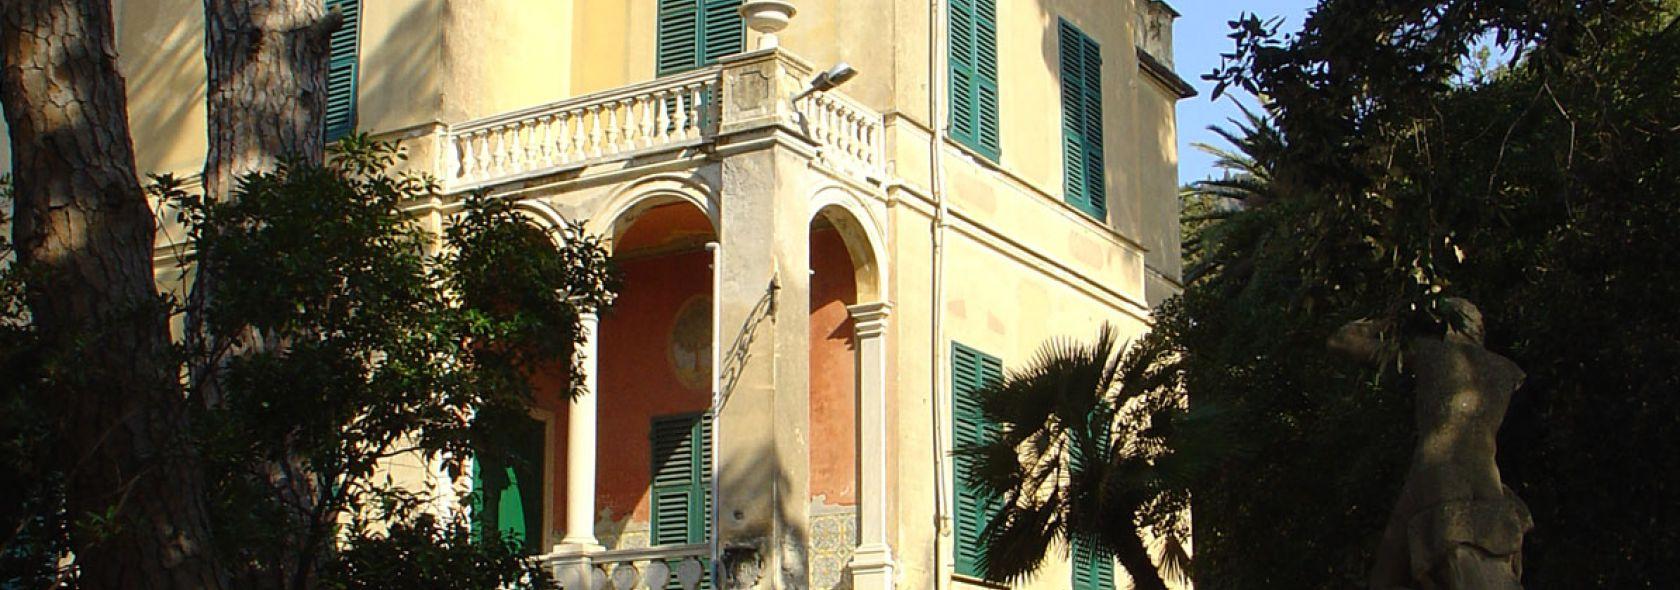 Museo Giannettino Luxoro - esterno